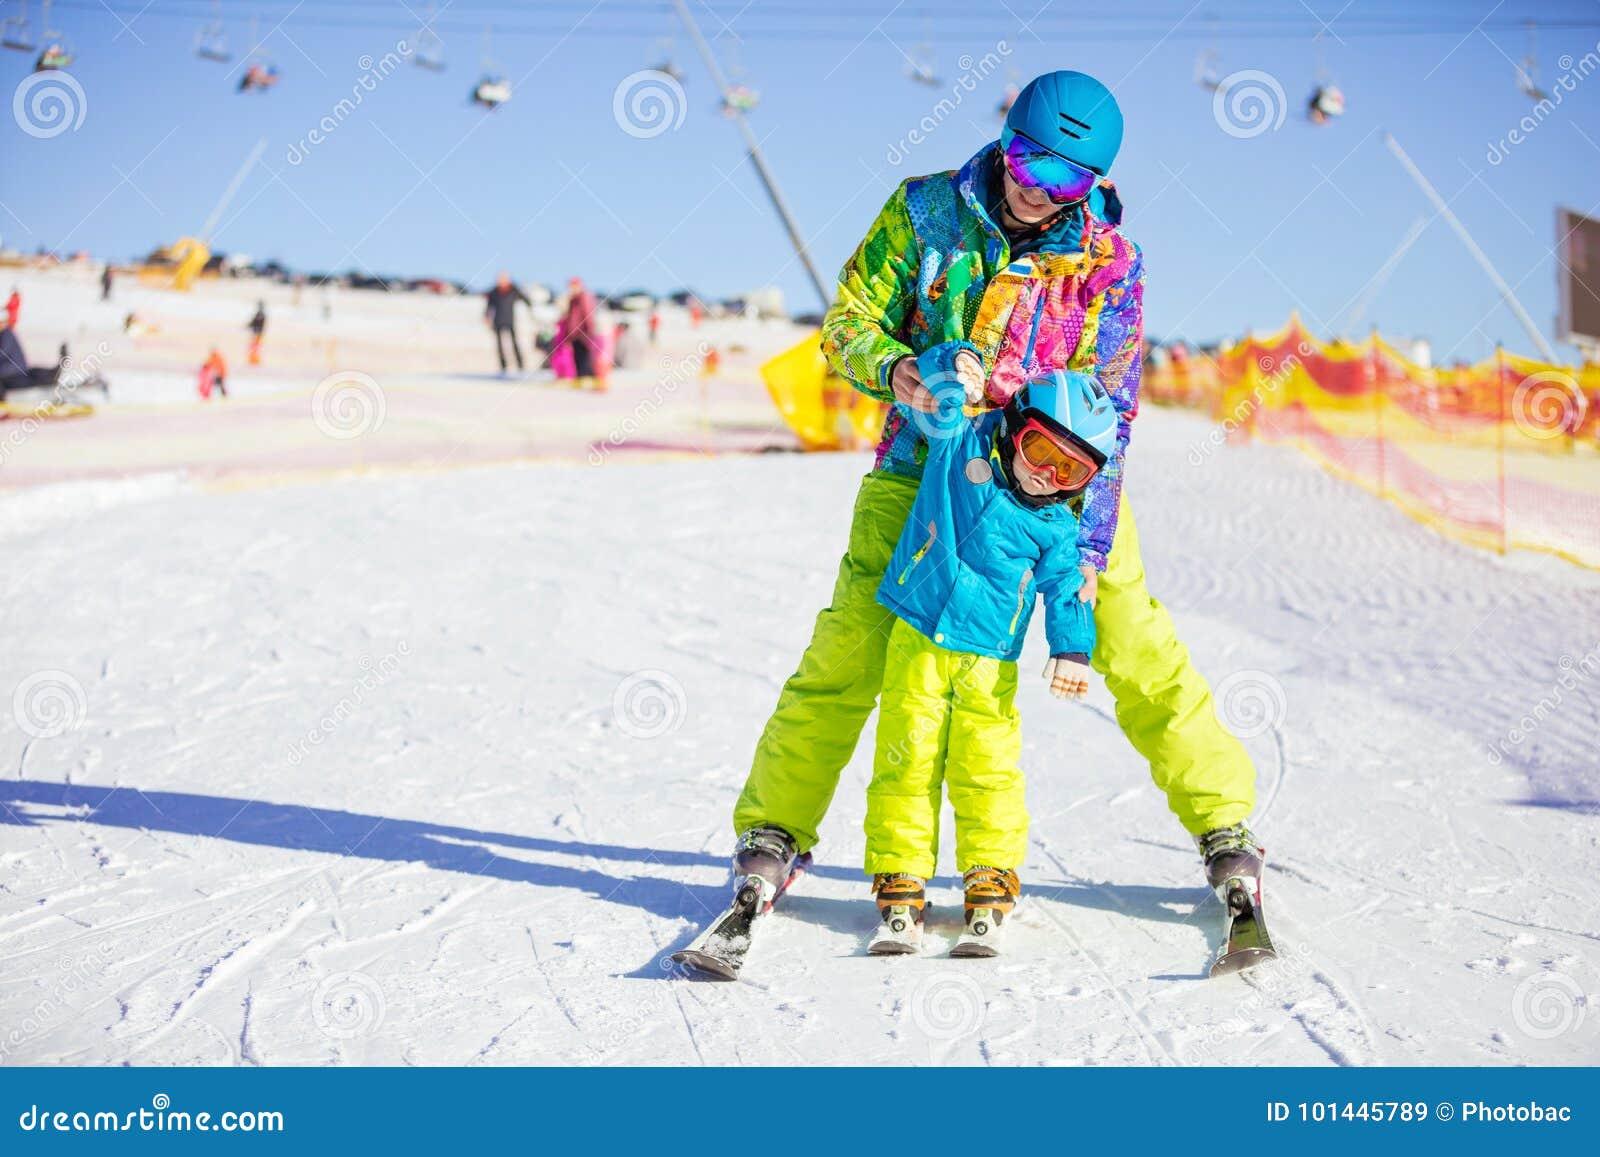 父亲或辅导员教小滑雪者如何做轮